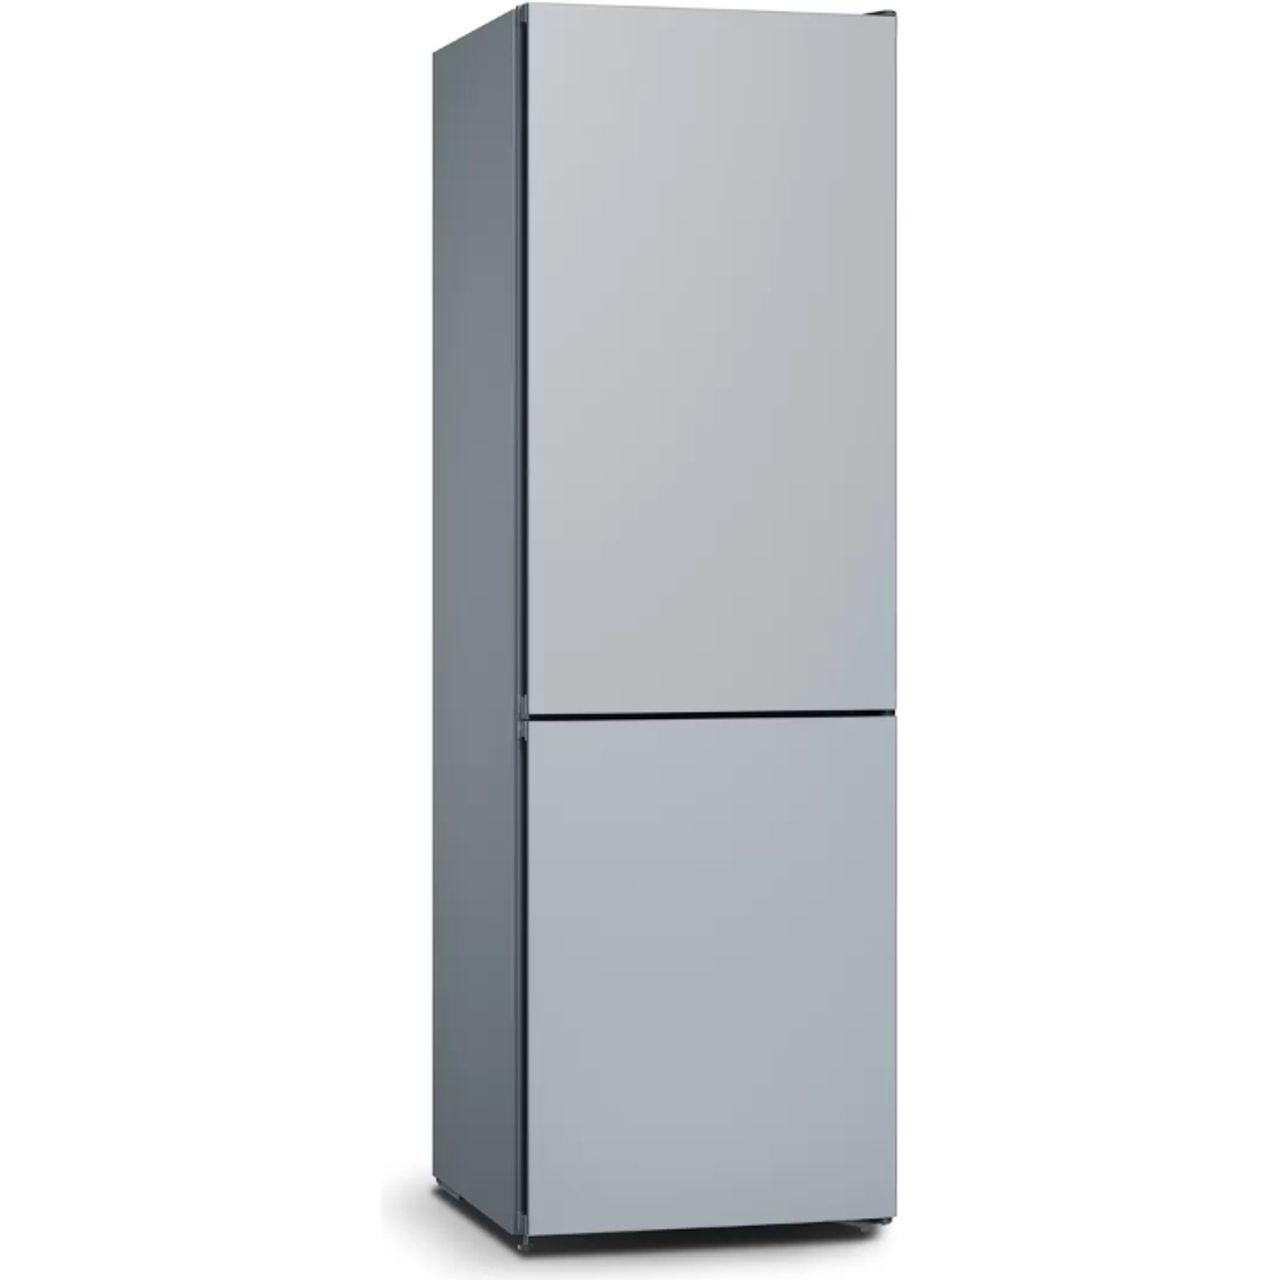 Artikel klicken und genauer betrachten! - Bosch KVN36CEEA Kühl-Gefrierkombinationen - Weiß Freistehend, (H)186,0 x (B)60,0 x (T)66,0 Kostenlos im Lieferpreis enthalten ist der 2 Mann Service zum Wunschort. Lieferung Mo-Sa! Liefertermin auswählbar! Artikel ist in der Farbe Weiß. Abmessung beträgt (H)186,0 x (B)60,0 x (T)66,0.   im Online Shop kaufen